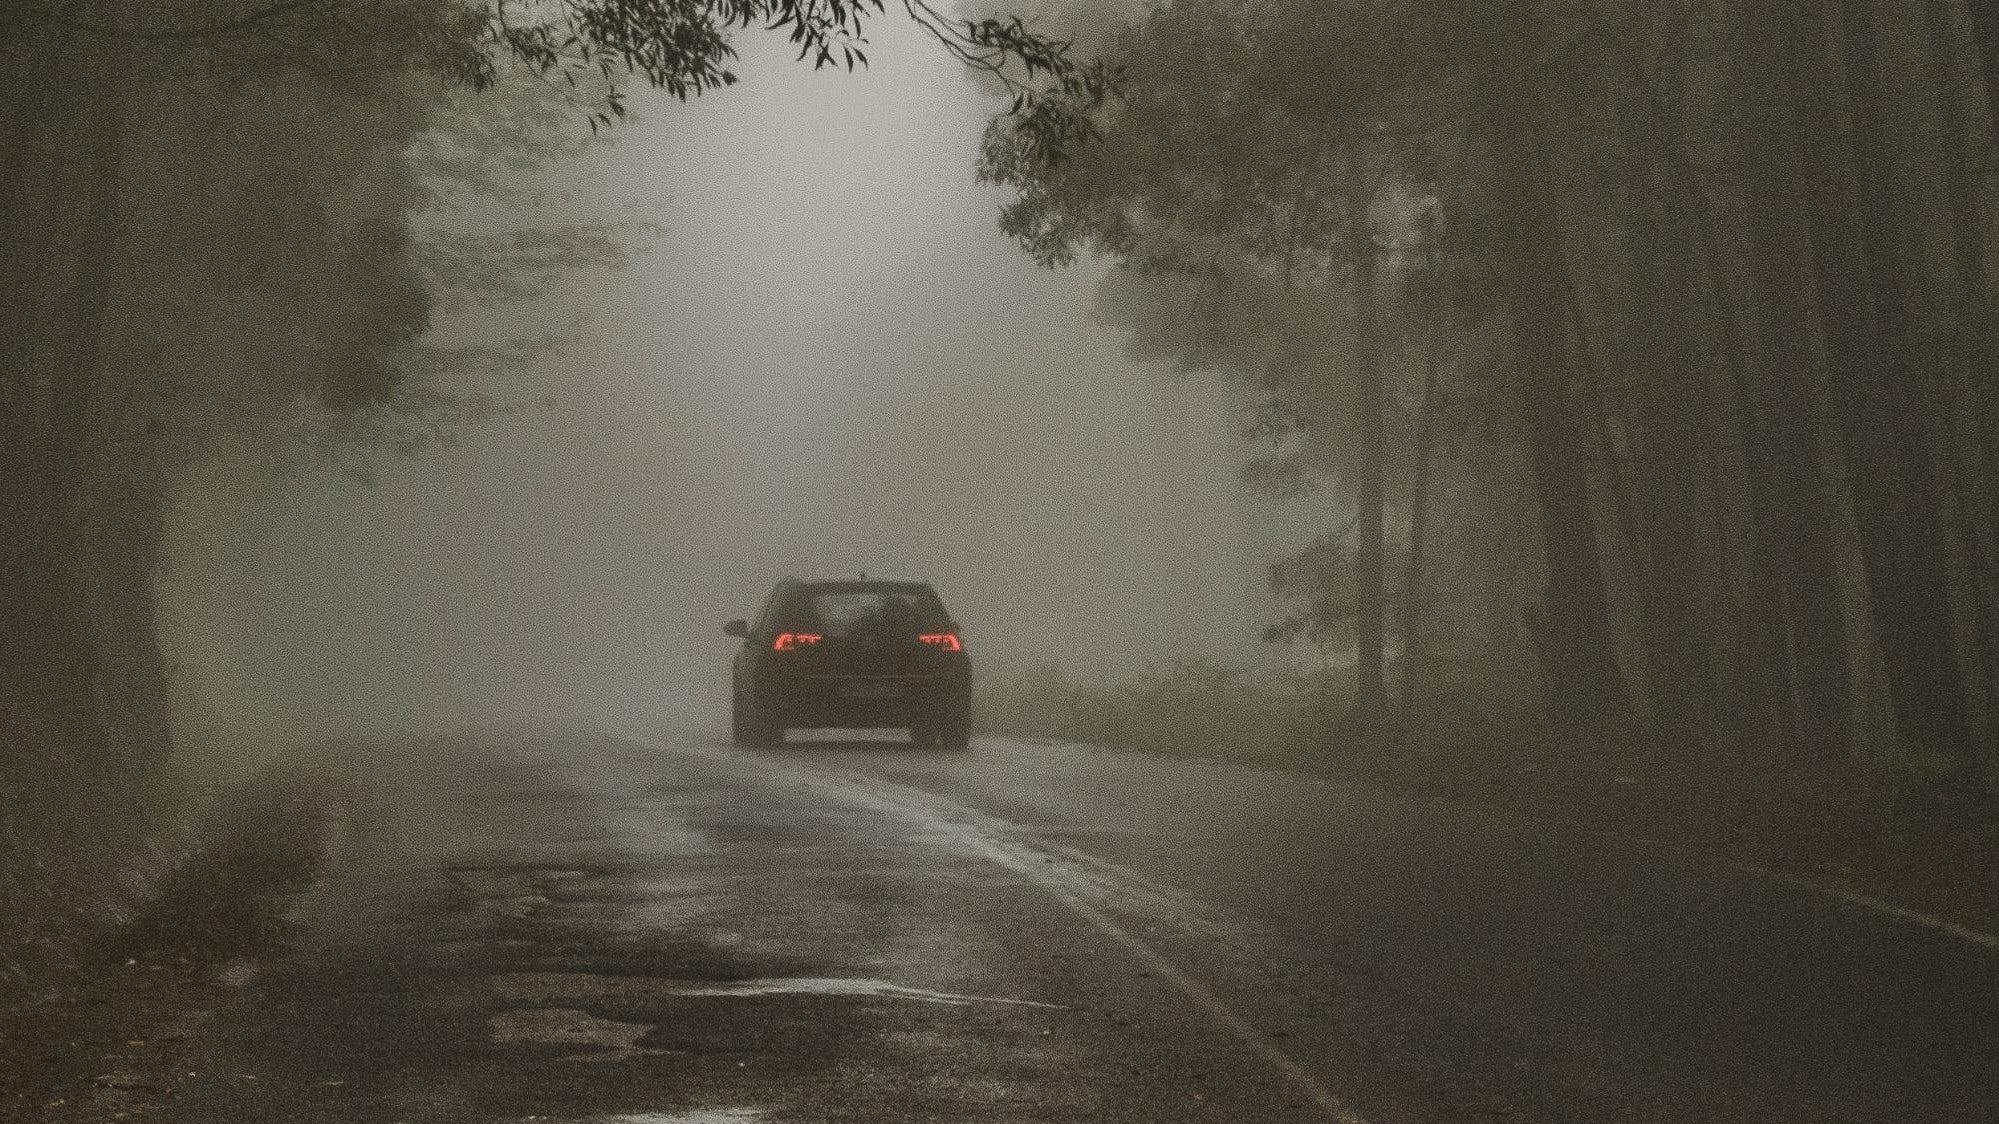 Bil som kör vid dimmigt väderförhållande.